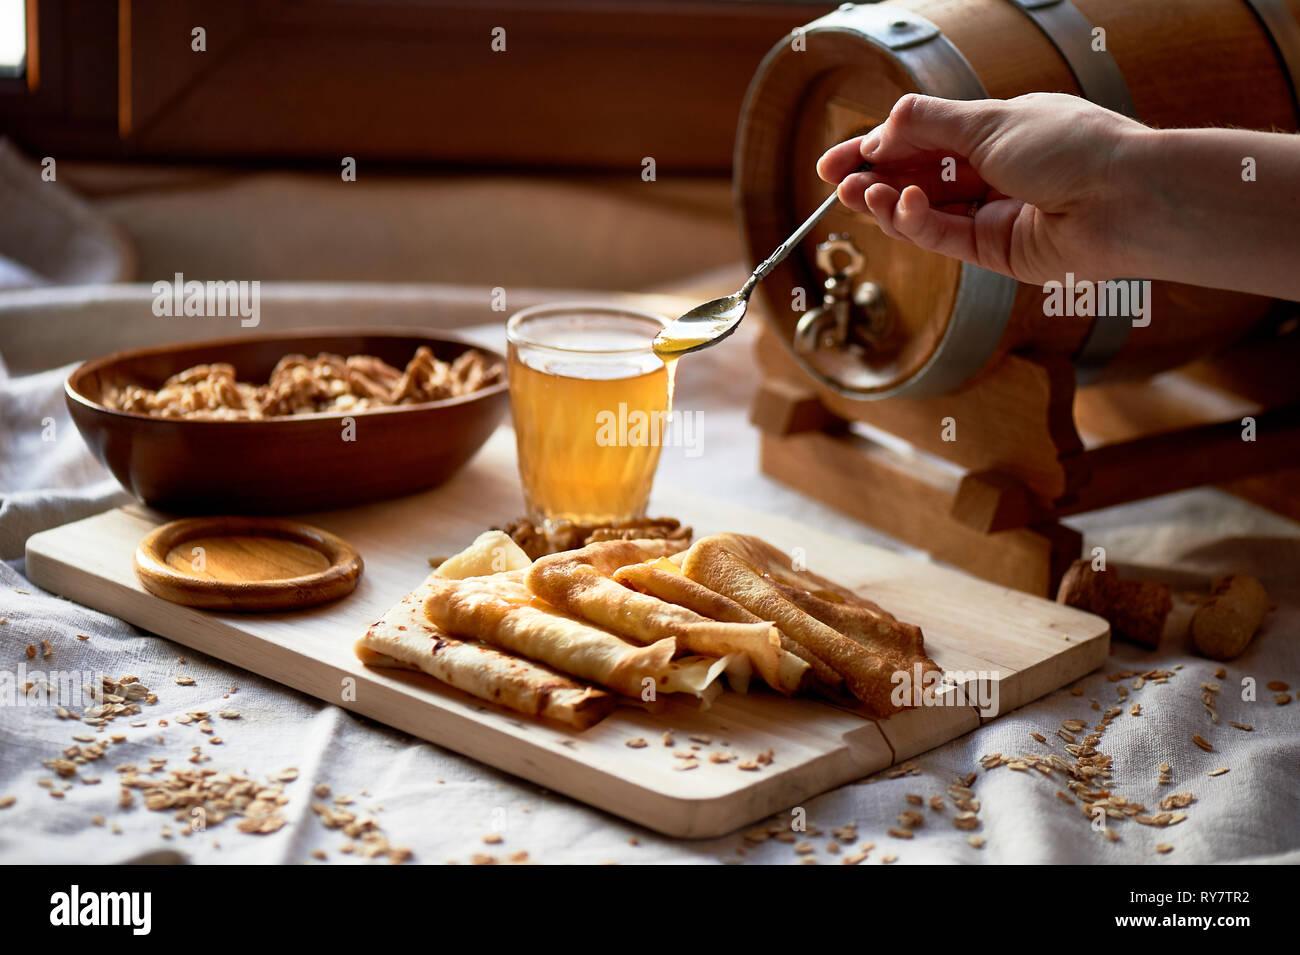 Mead und Pfannkuchen. Russische Gericht für Faschingsdienstag. Abschied vom Winter, die Hand in den Rahmen. Honig vom Löffel tropft auf Pfannkuchen Stockbild